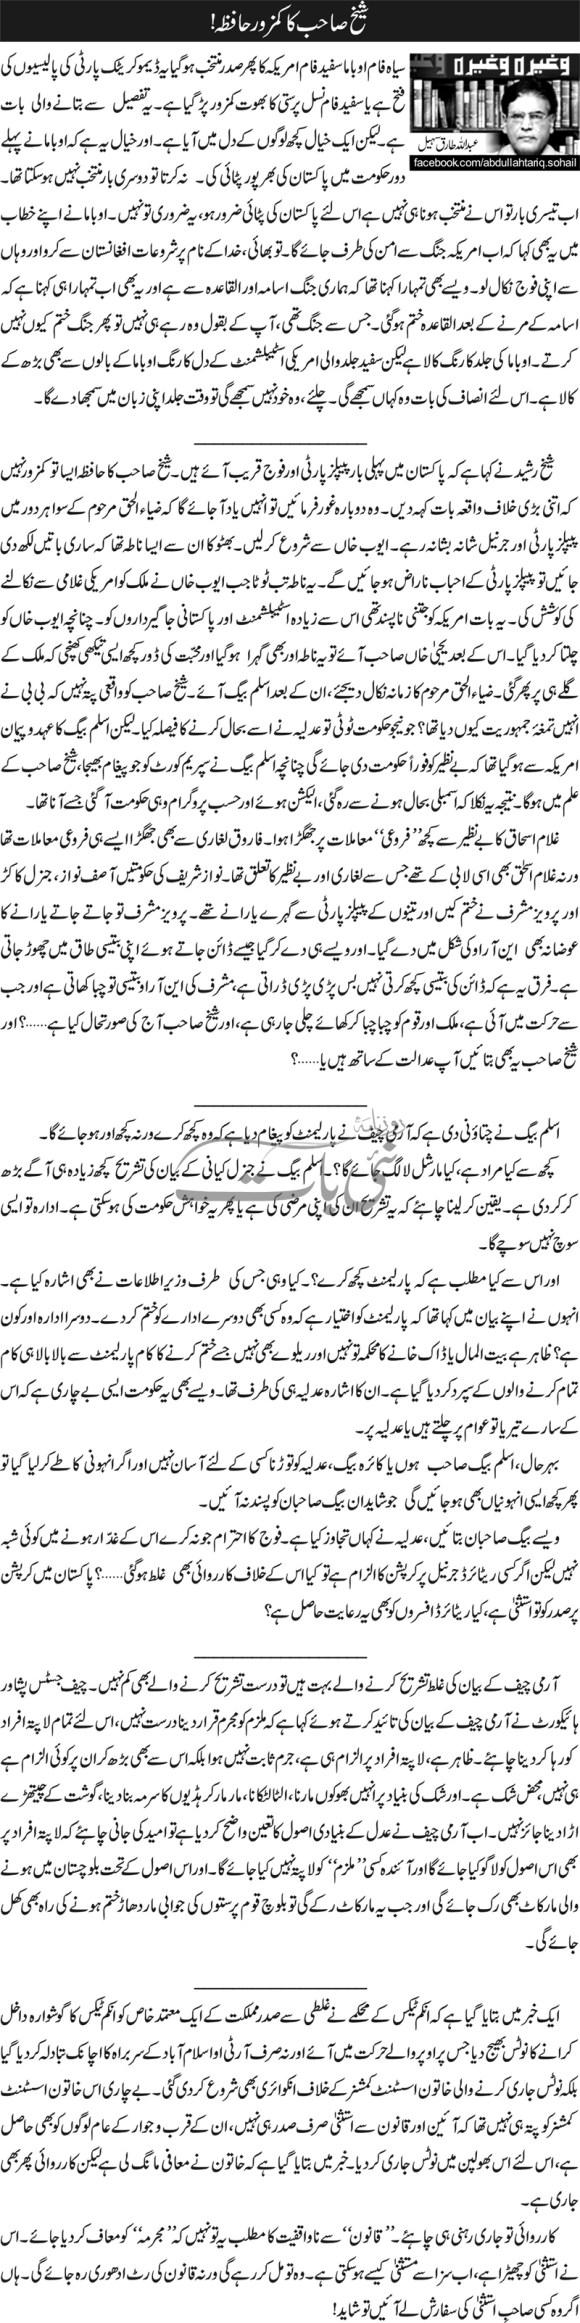 Shaikh Sahab ka kamzoor hafza! - Abdullah Tariq Sohail